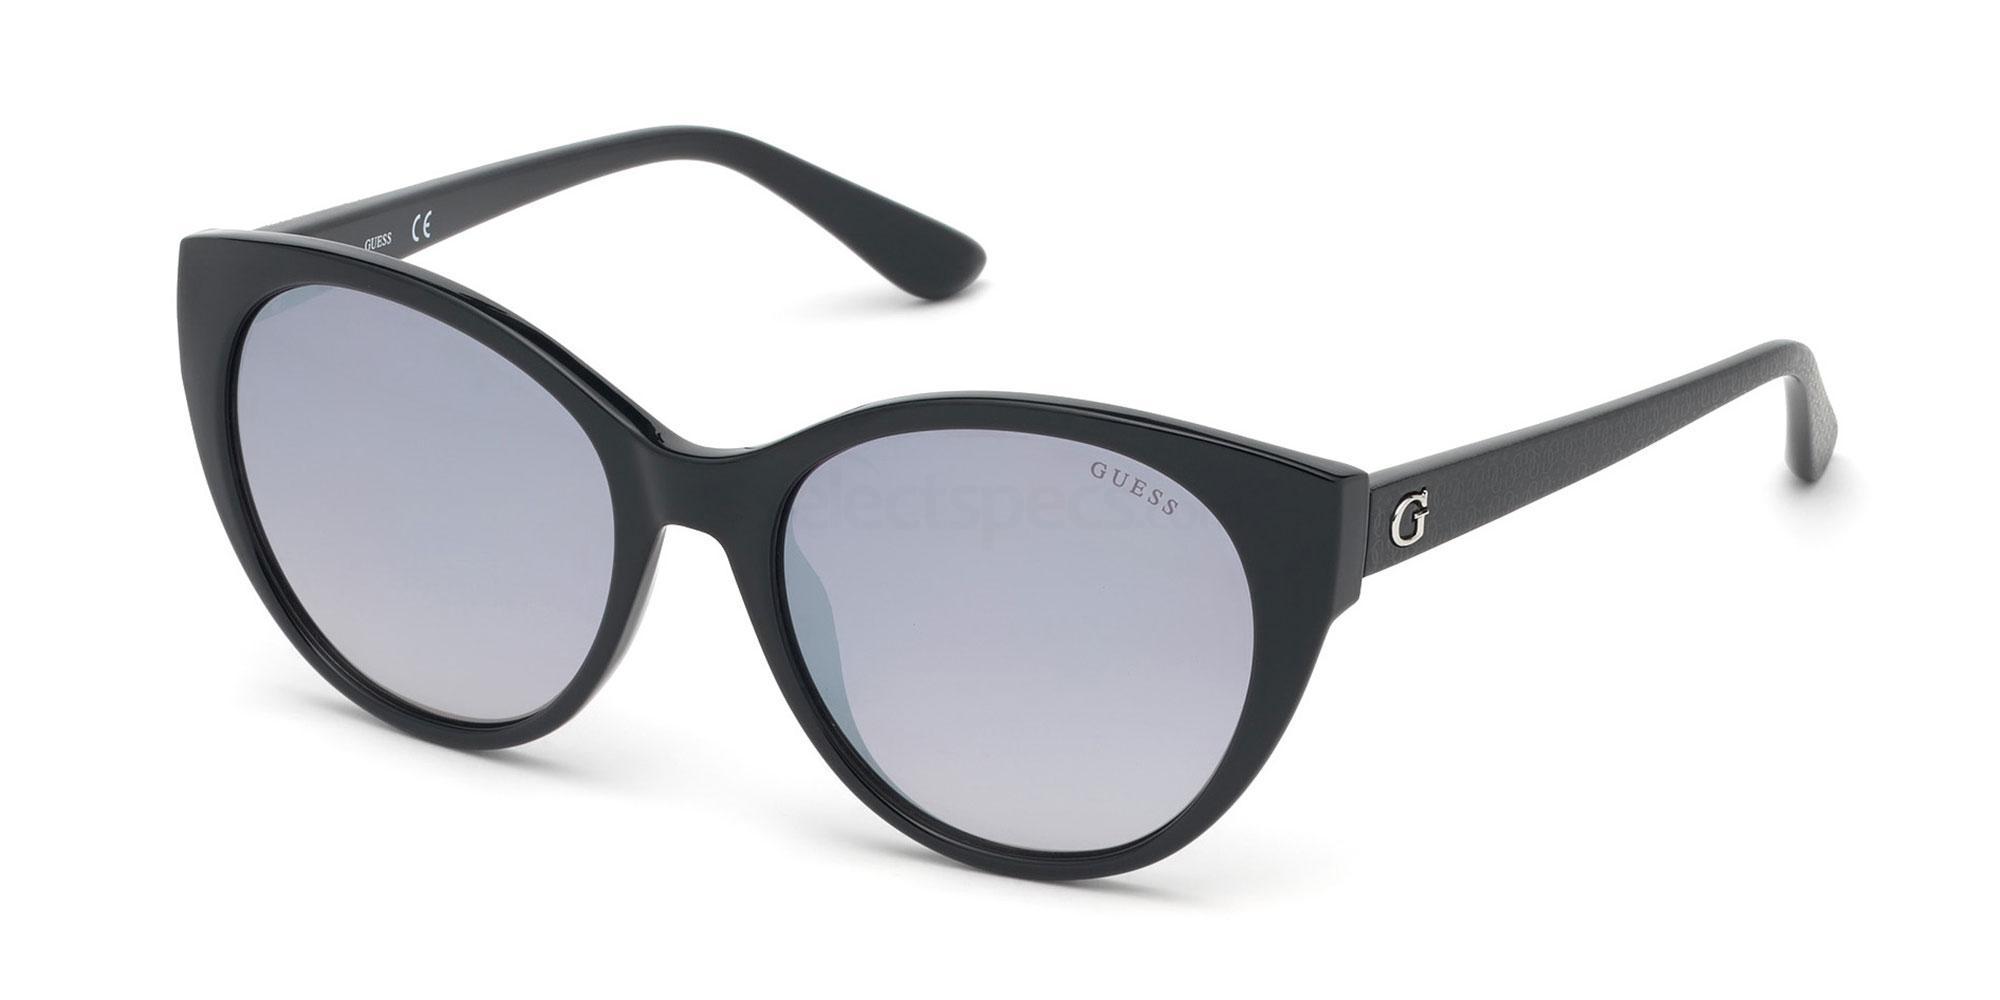 01C GU7594 Sunglasses, Guess